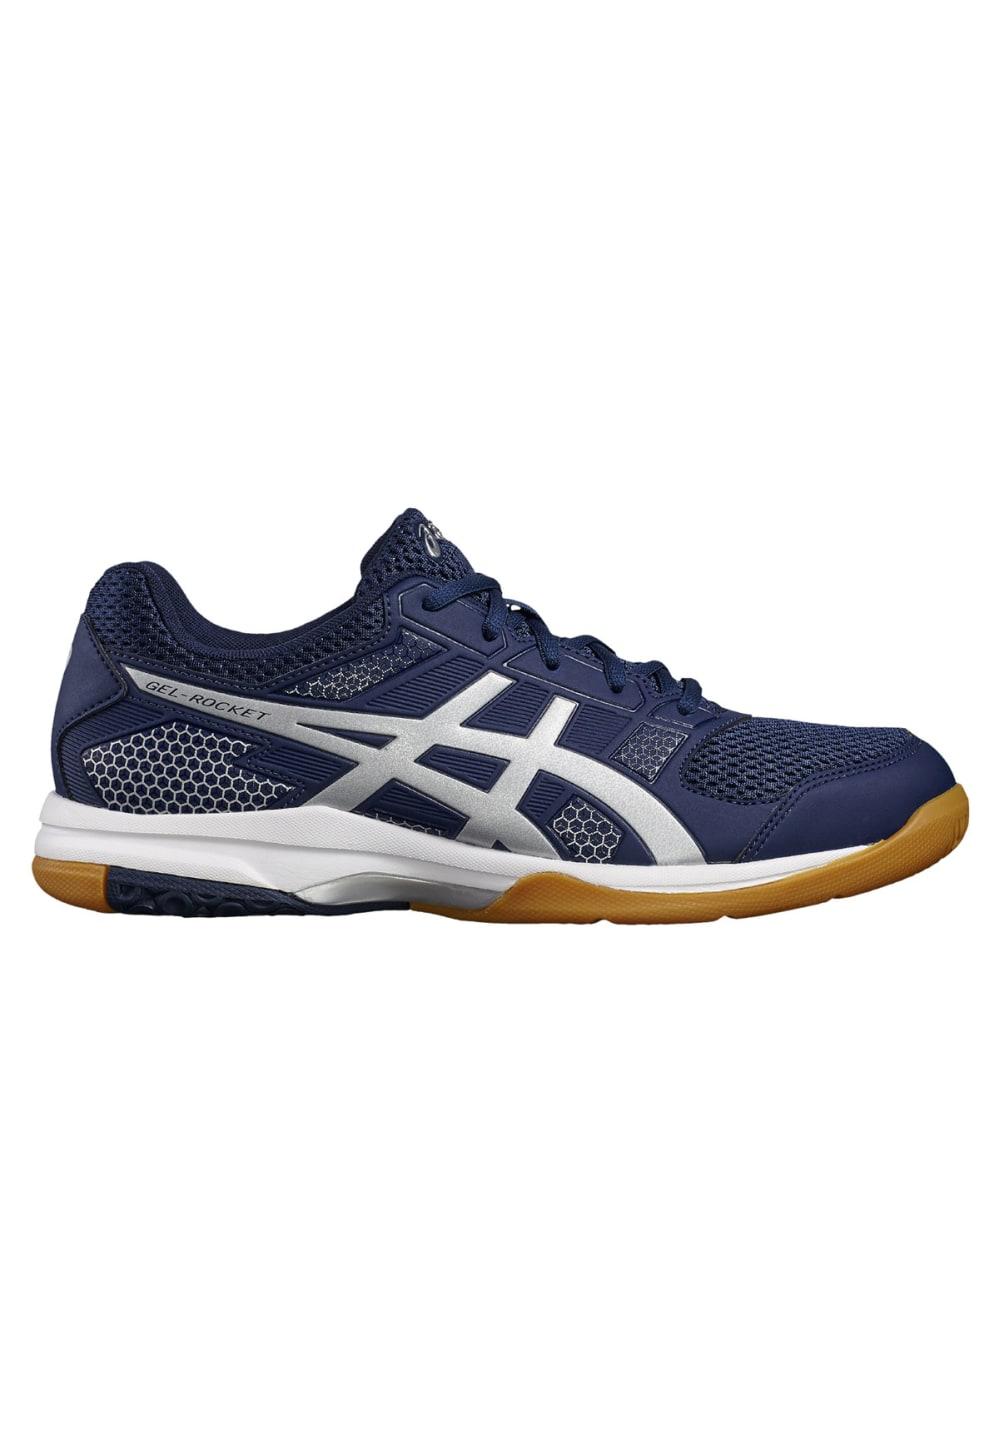 ASICS GEL Rocket 8 Chaussures de volleyball pour Homme Bleu